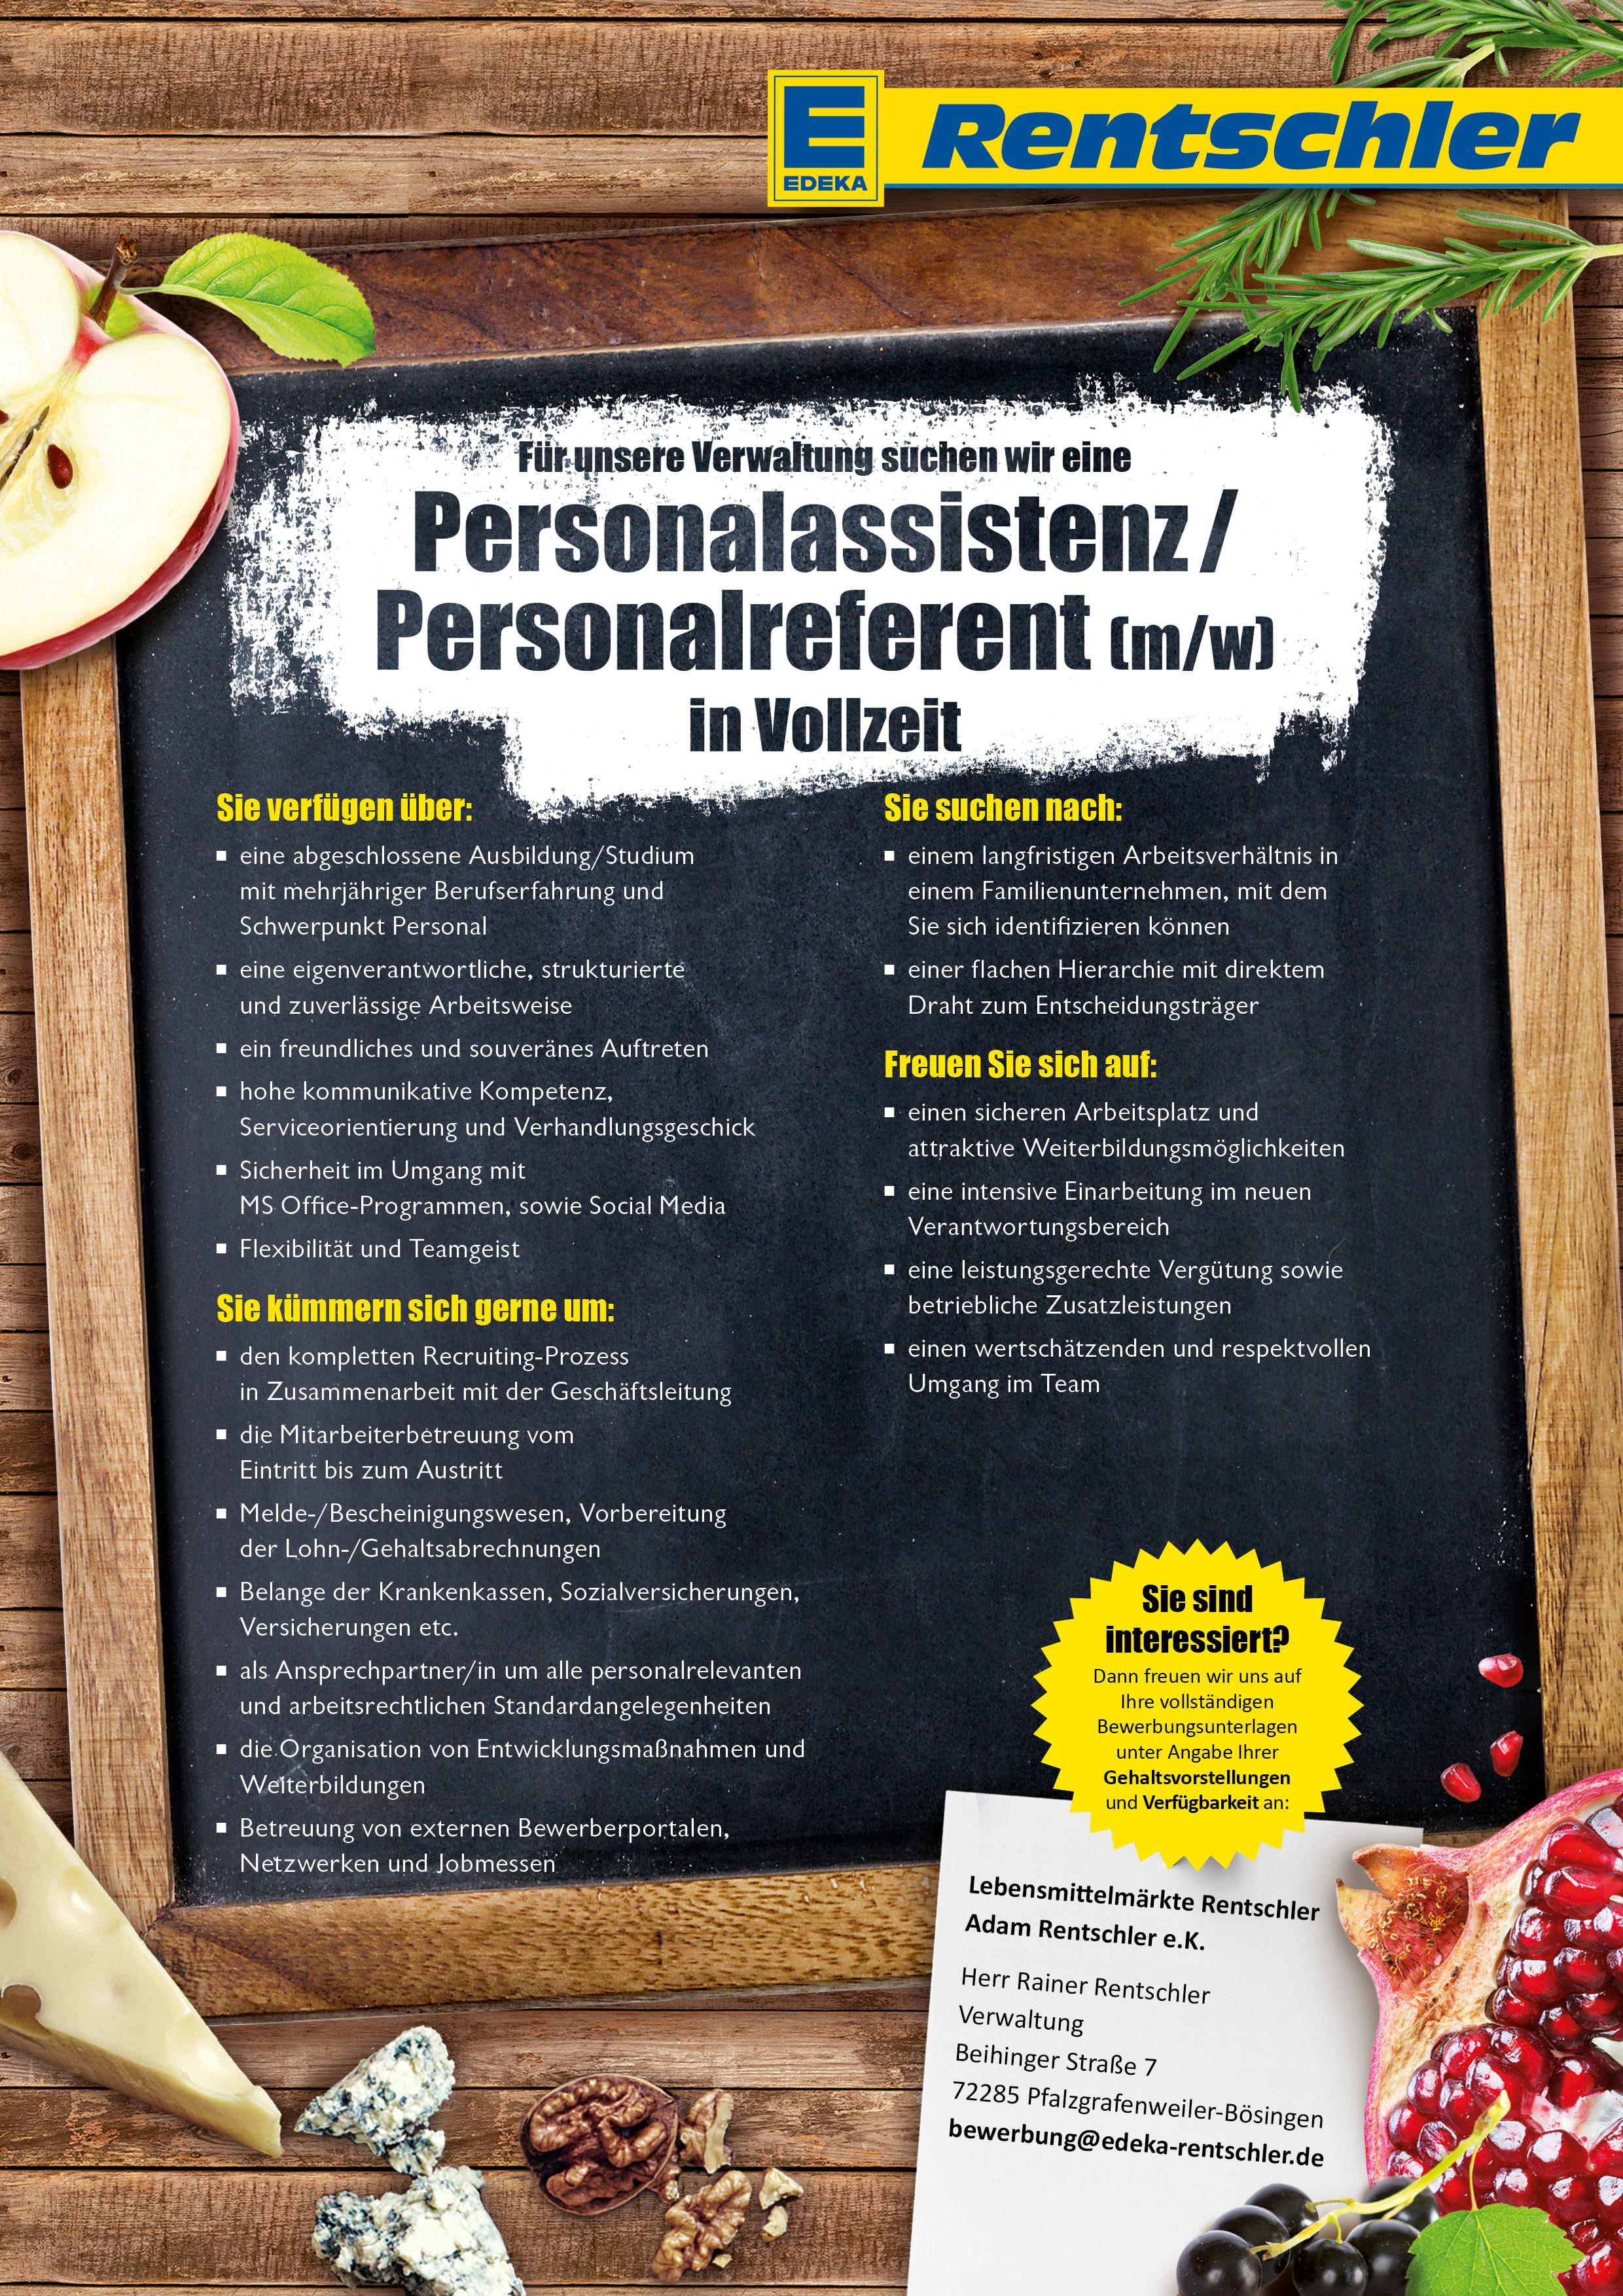 personalassistenz personalreferent mw fr verwaltung in bsingen - Bewerbung Edeka